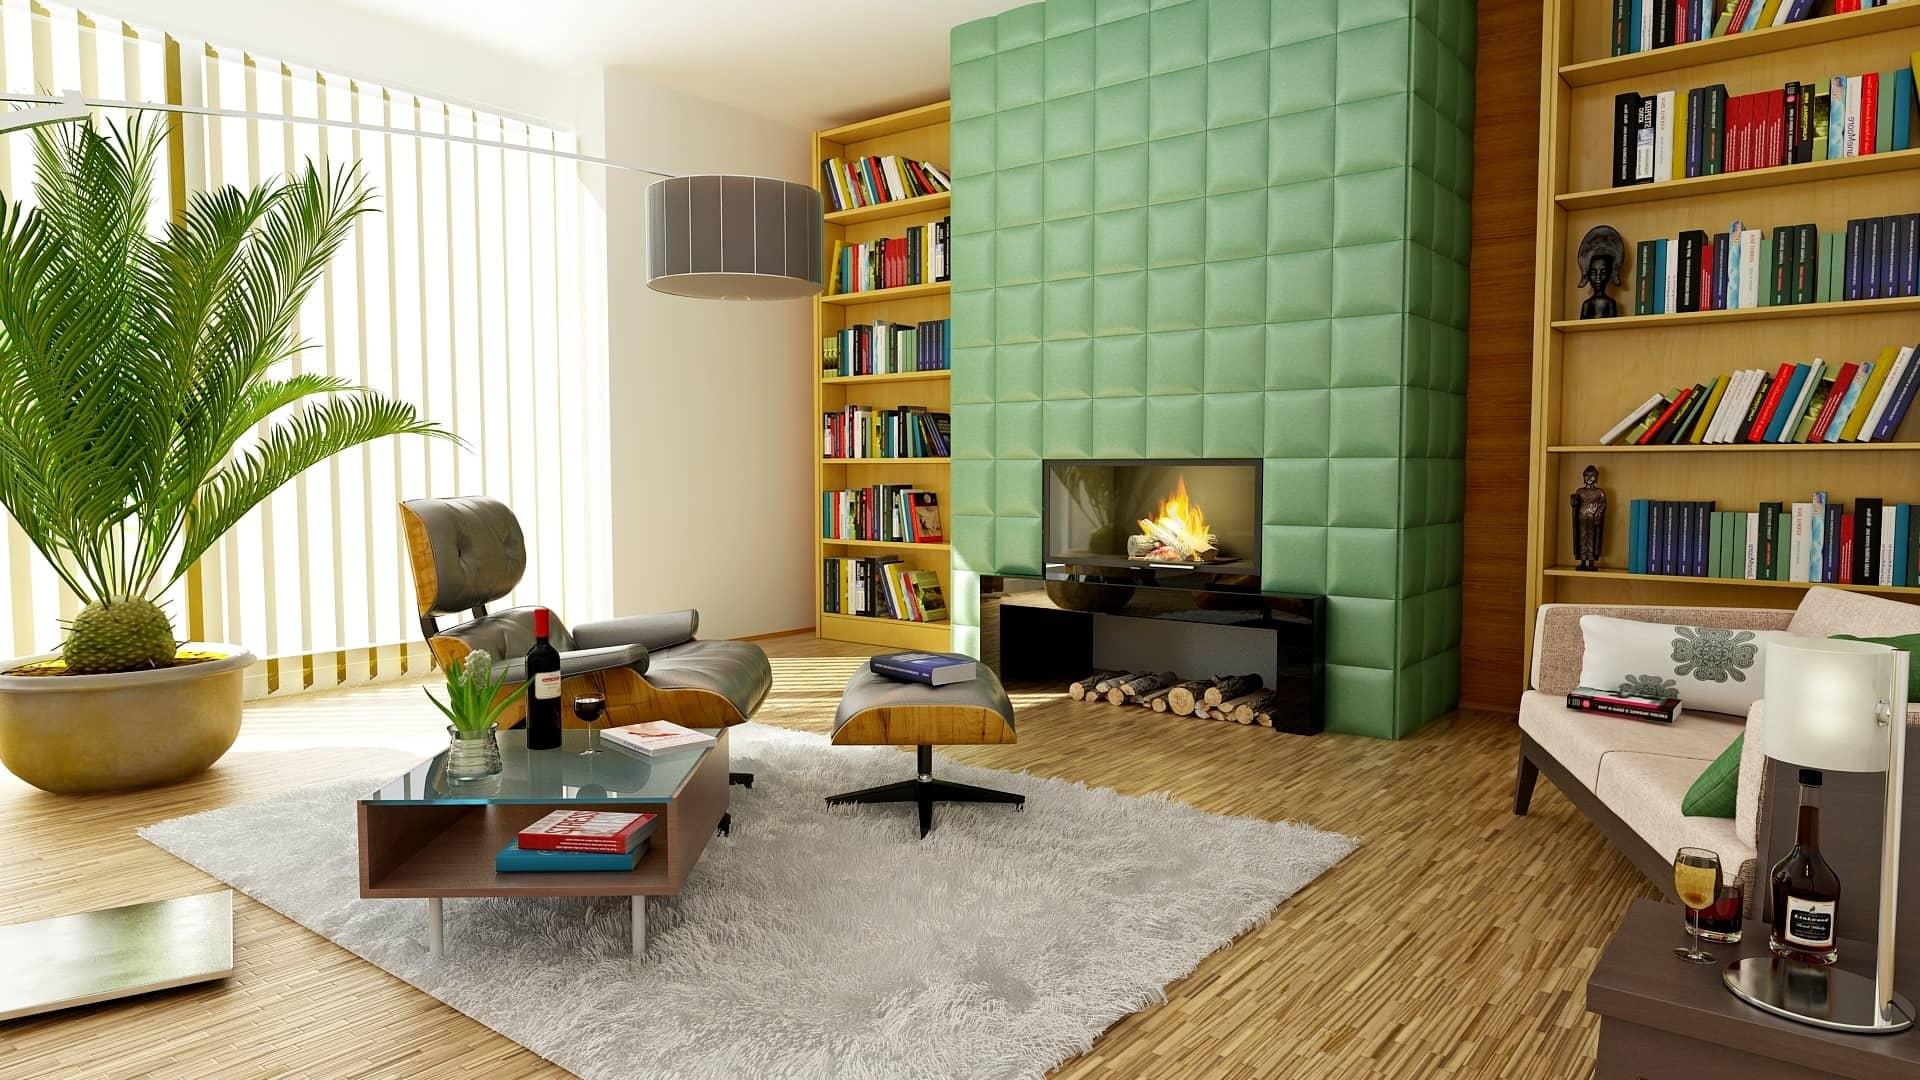 Проект перепланировки квартиры, дома , офисного помещения